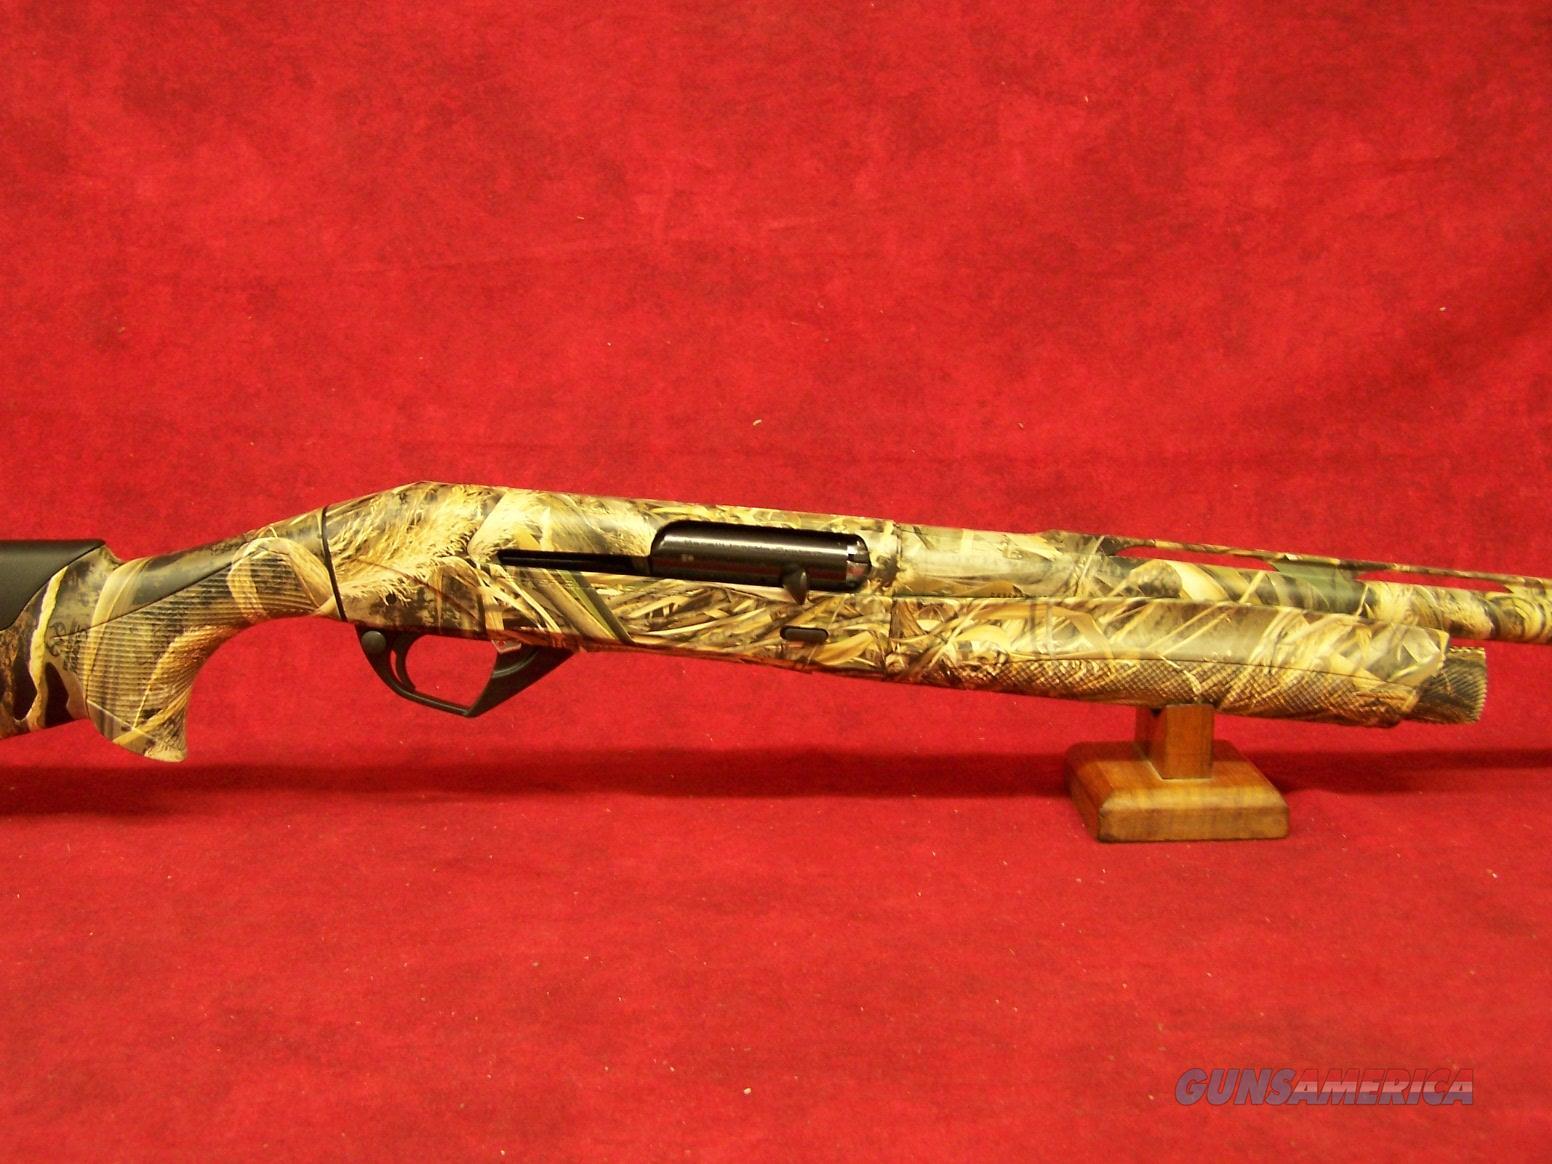 """Benelli Super Black Eagle 3 3.5"""" 12ga 26"""" Barrel Max 5 Camo (10307)  Guns > Shotguns > Benelli Shotguns > Sporting"""